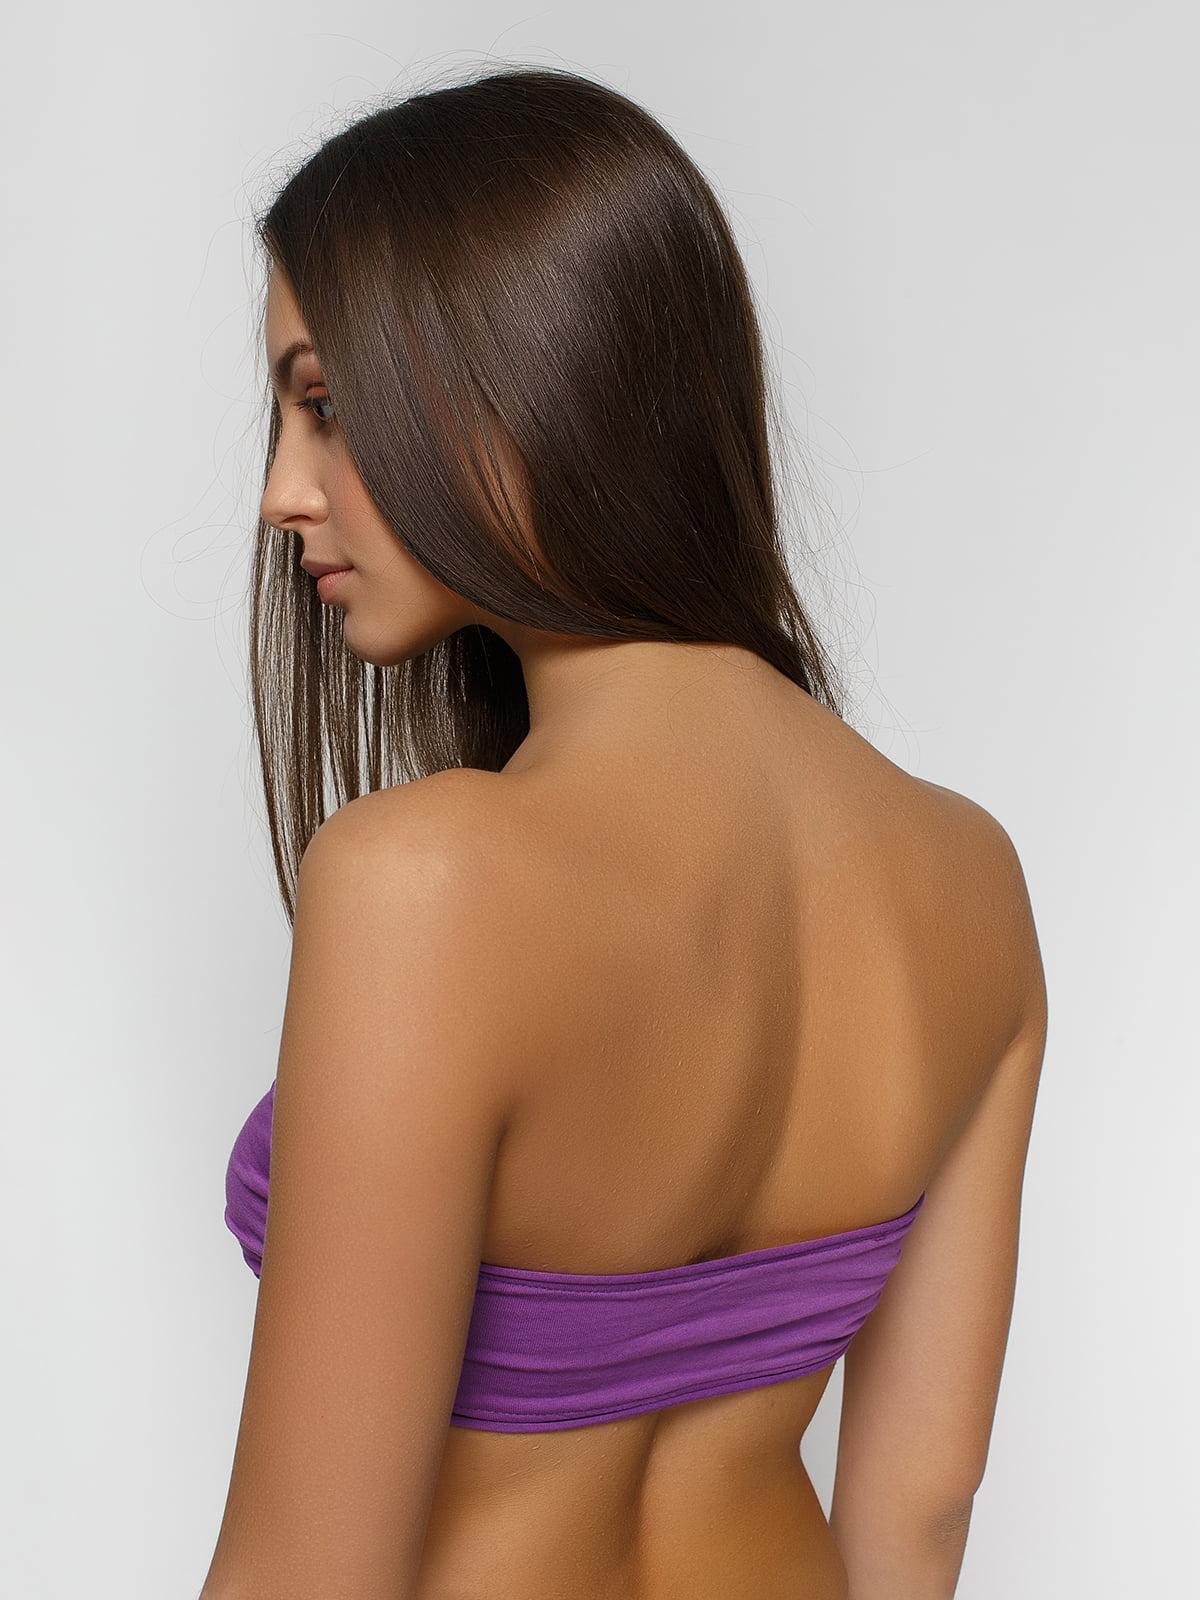 Топ-бандо фіолетовий | 2322548 | фото 2